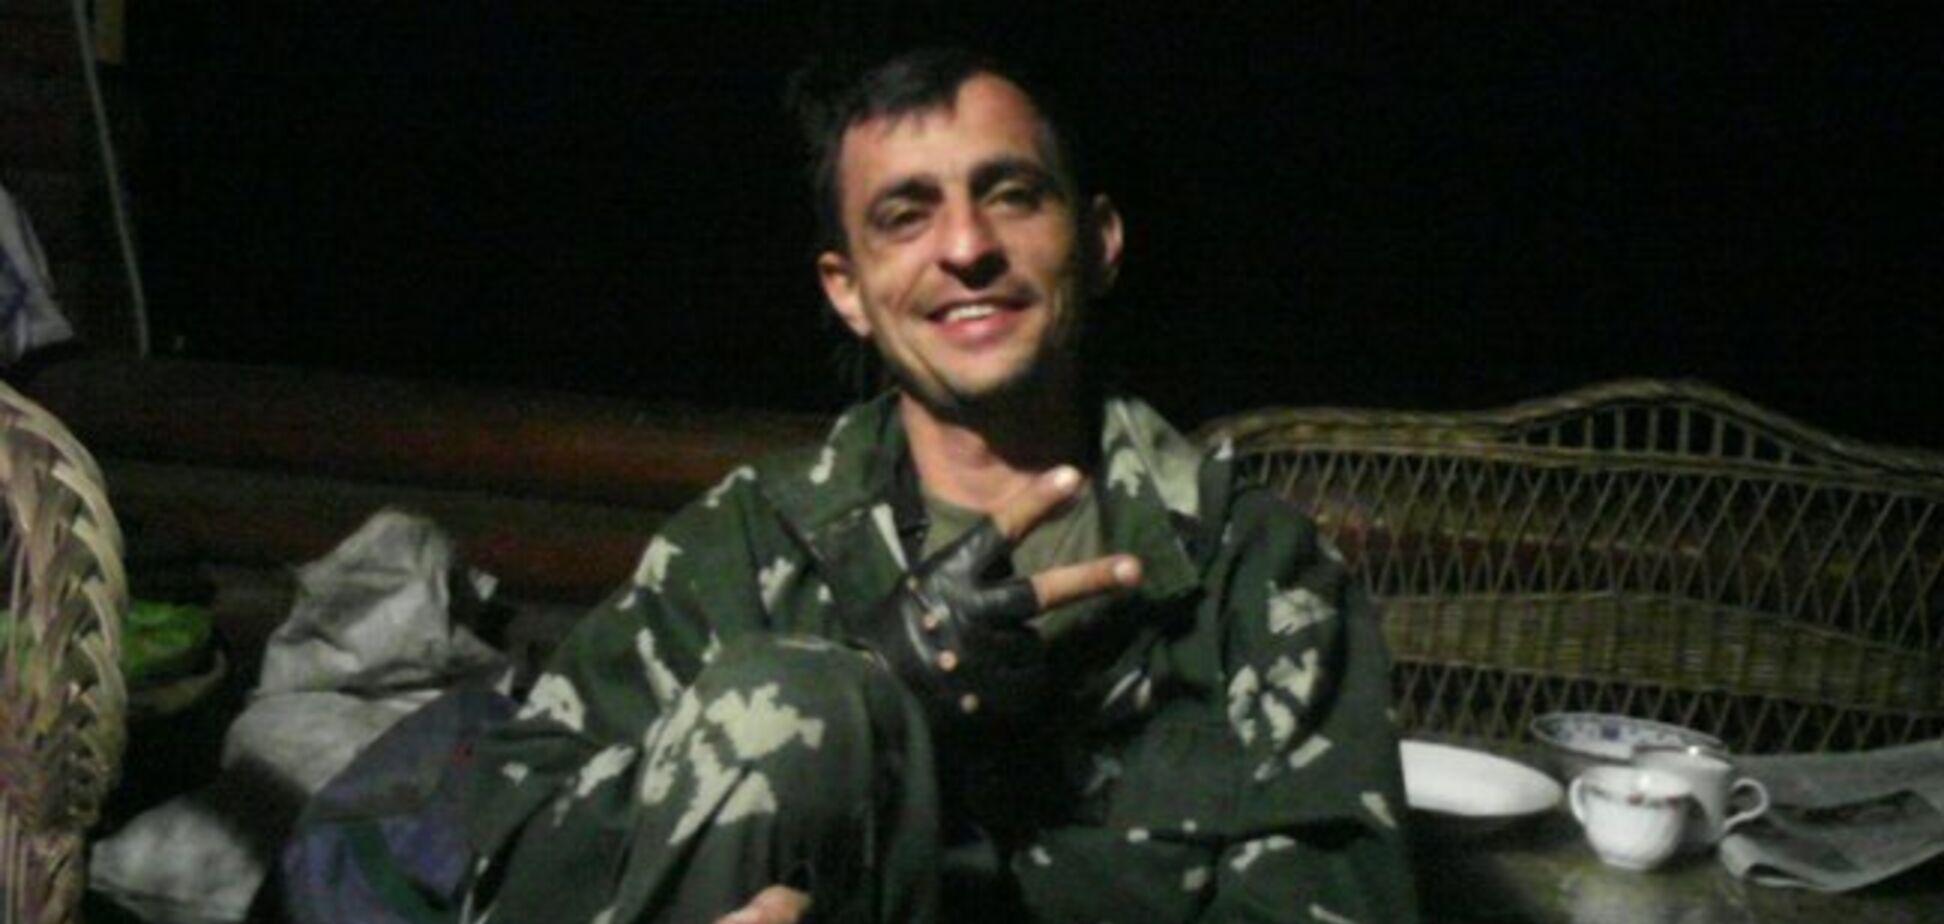 Суд отпустил 'киборга', застрелившего браконьера: подробности и видео